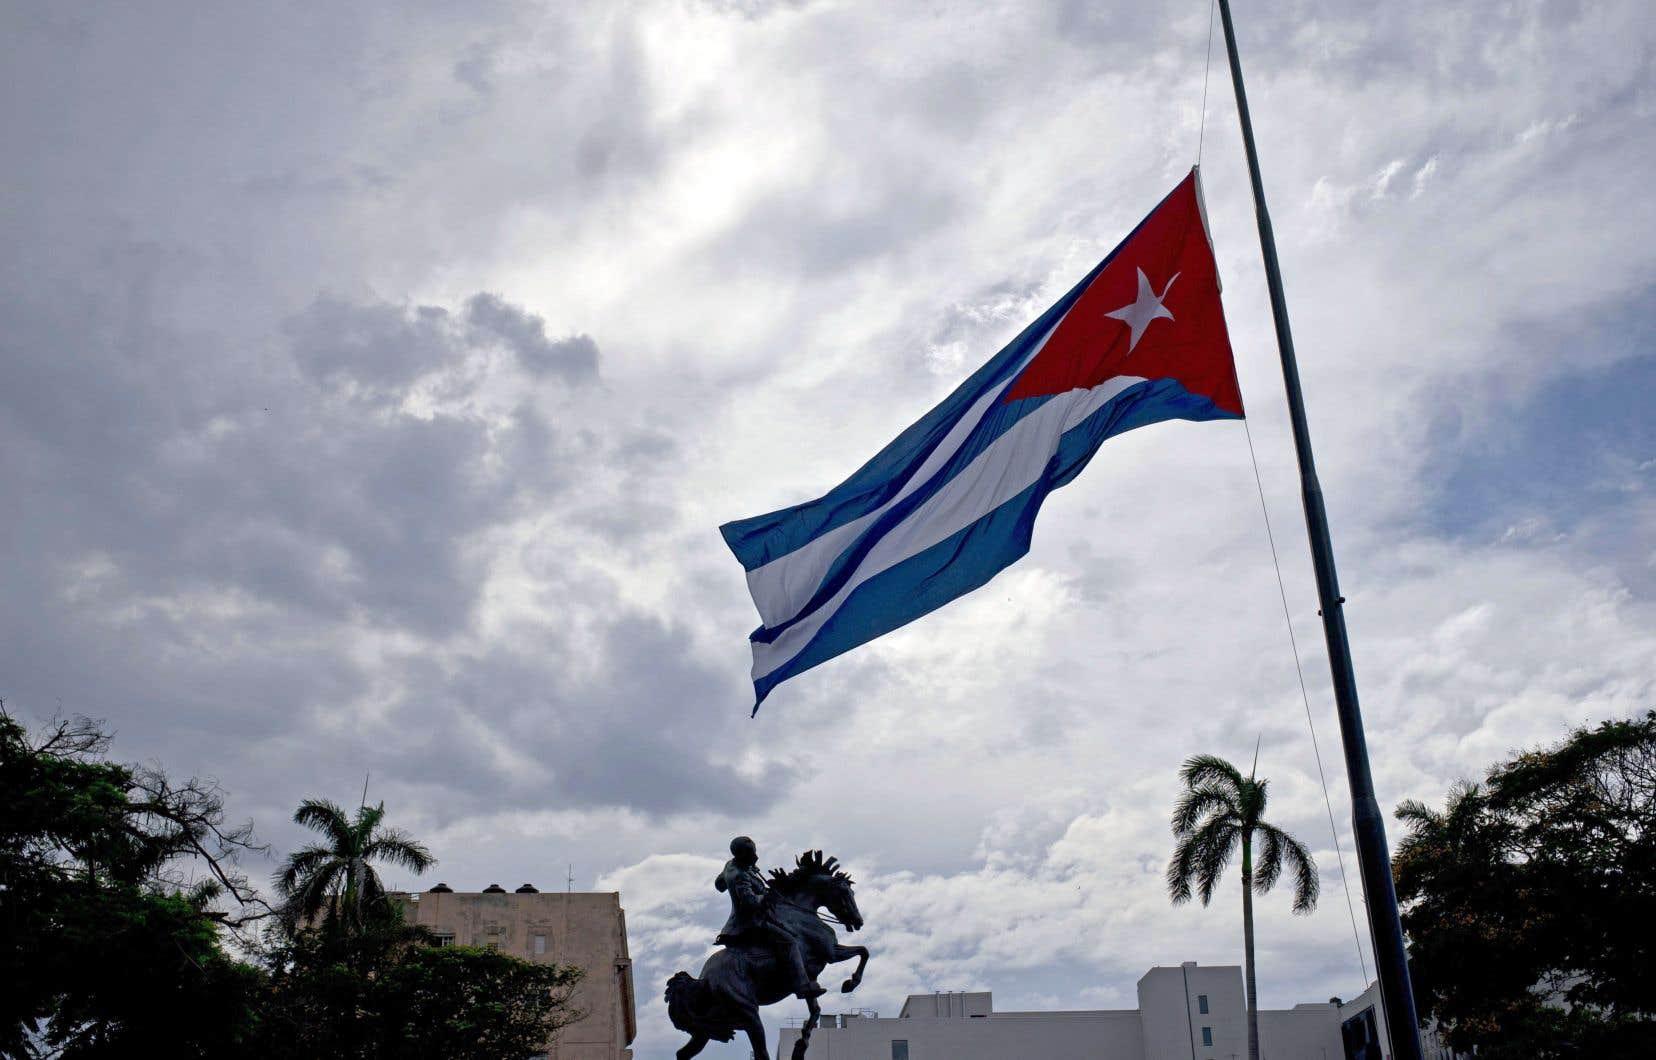 Le gouvernement a indiqué que les réformes prévues ne modifieront pas le caractère «irrévocable du socialisme» cubain.